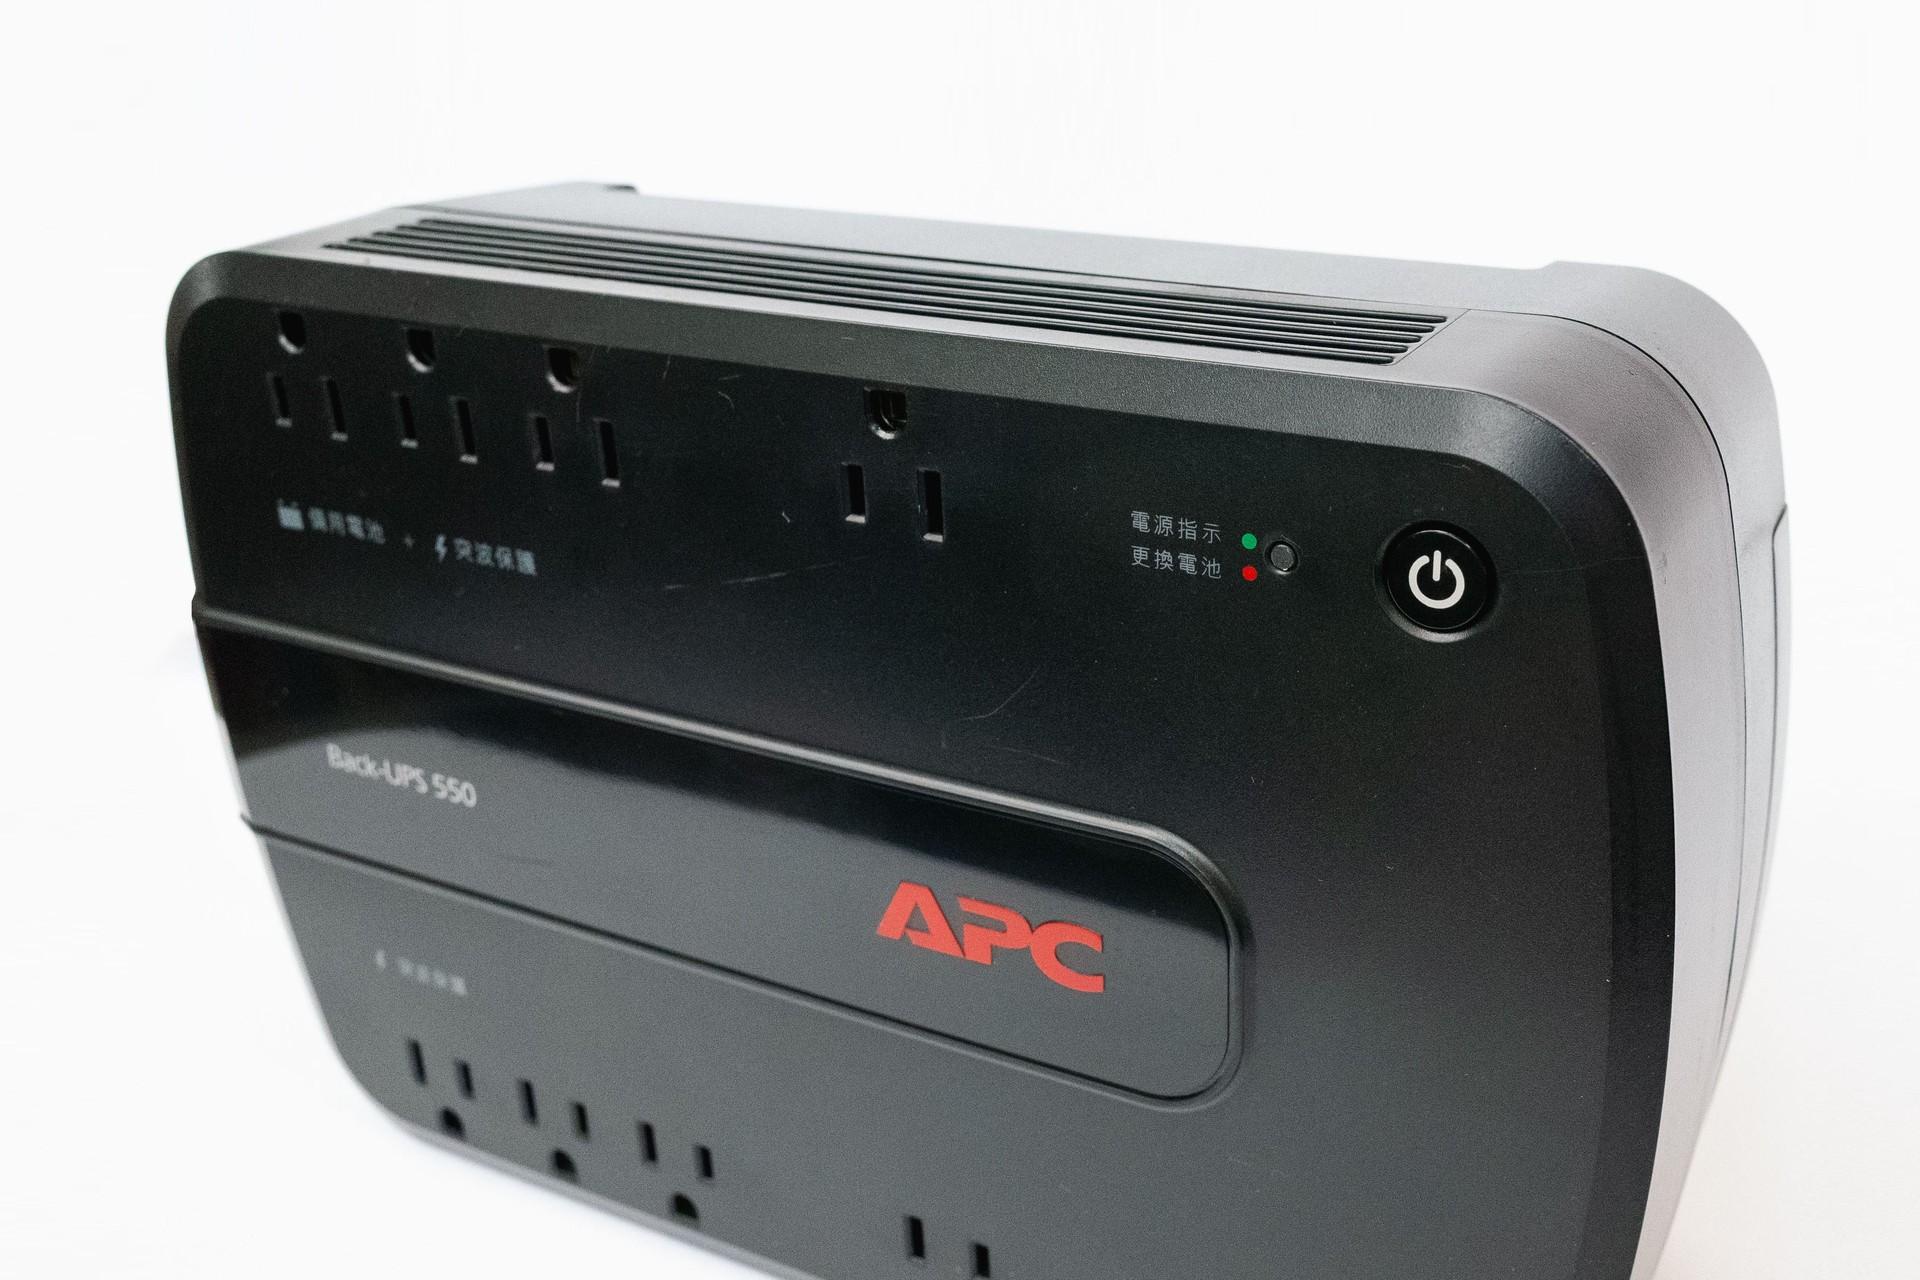 不斷電系統 APC Back-UPS 550 更換電池